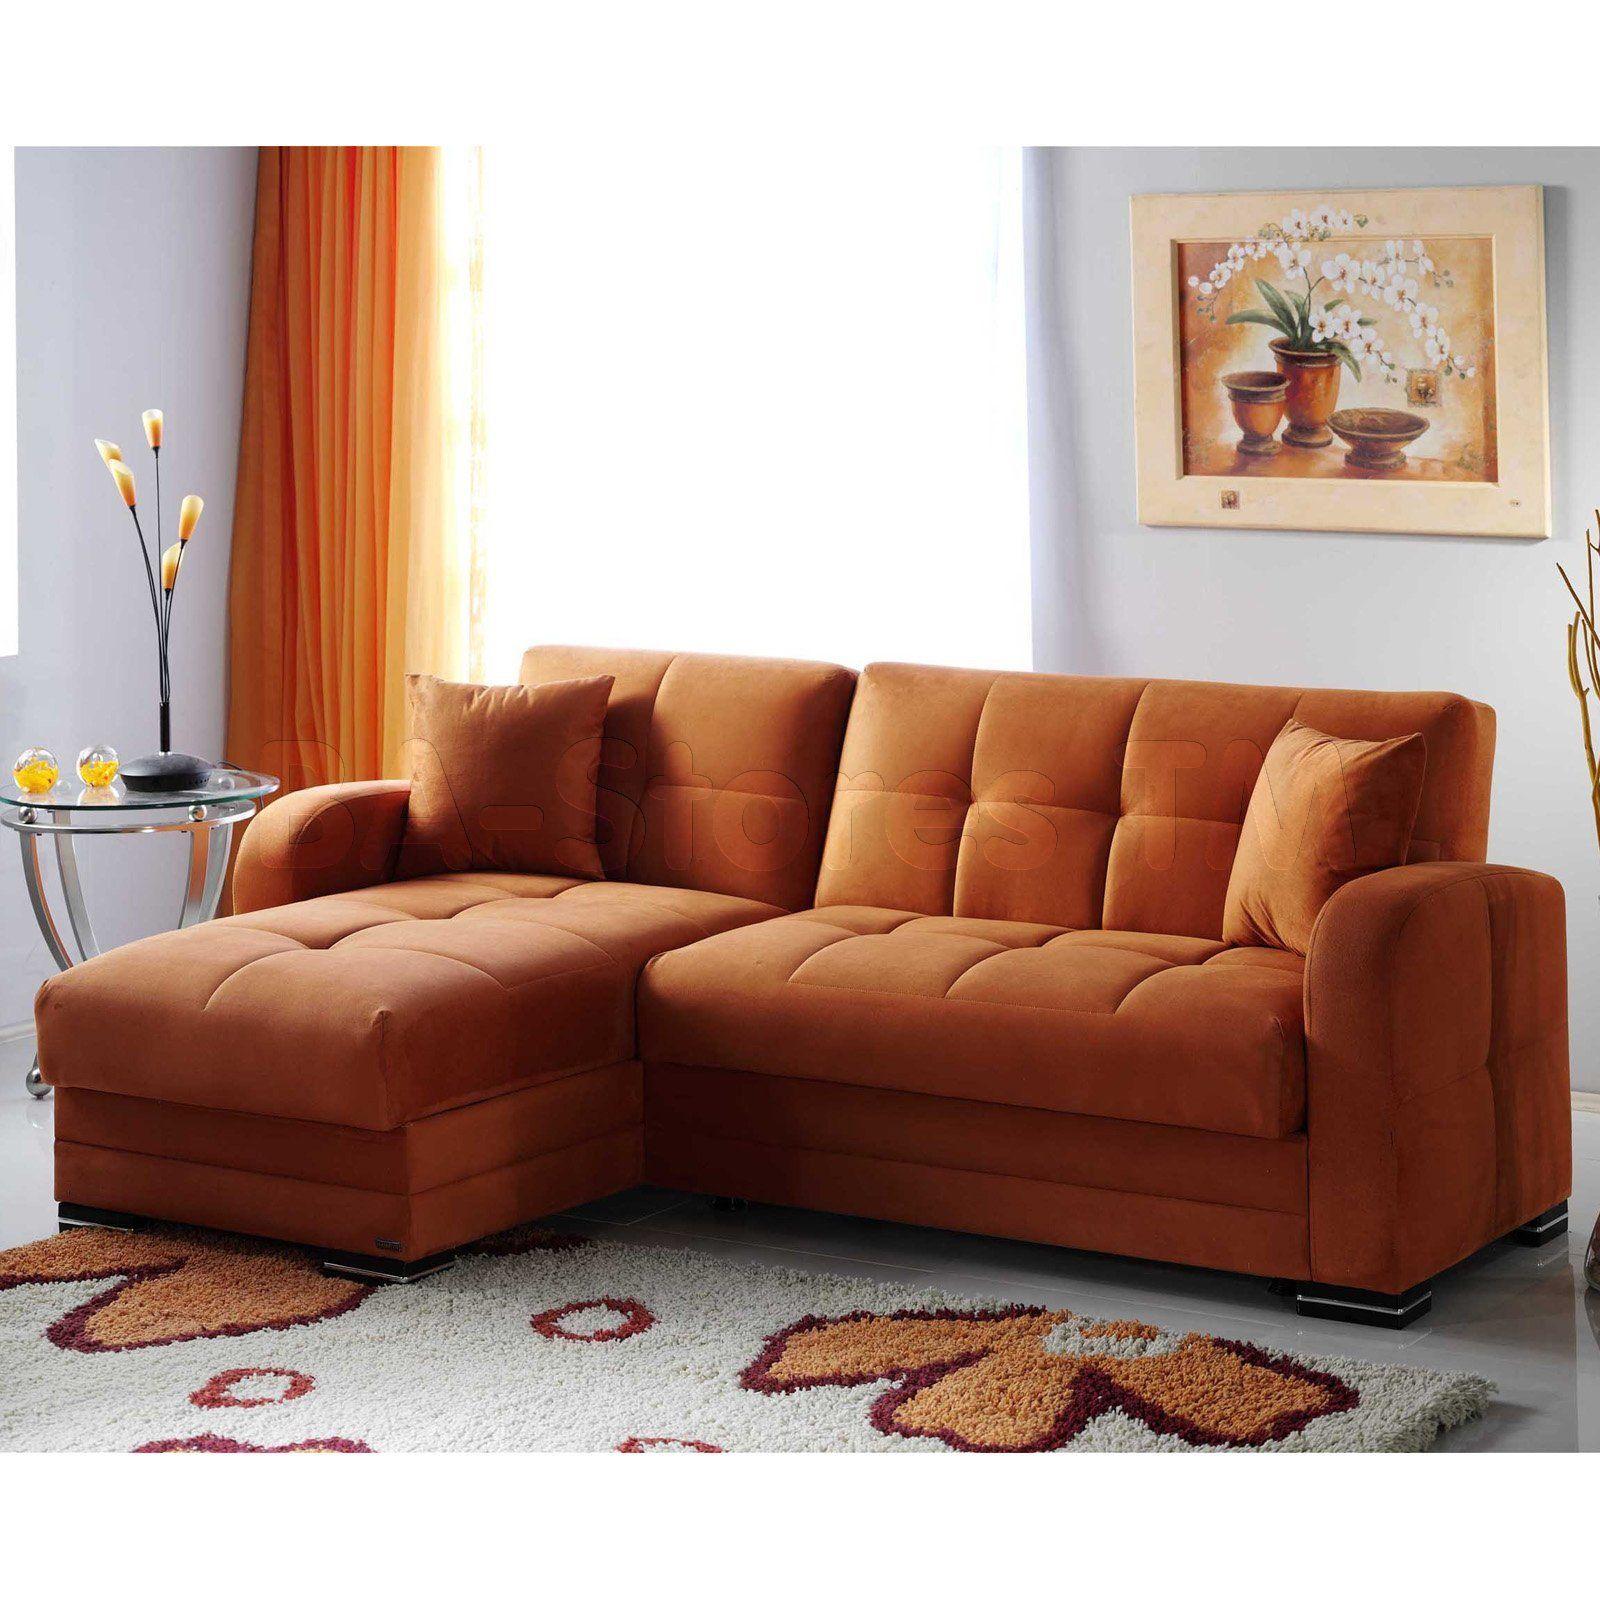 mueble en l de leather Buscar con Google